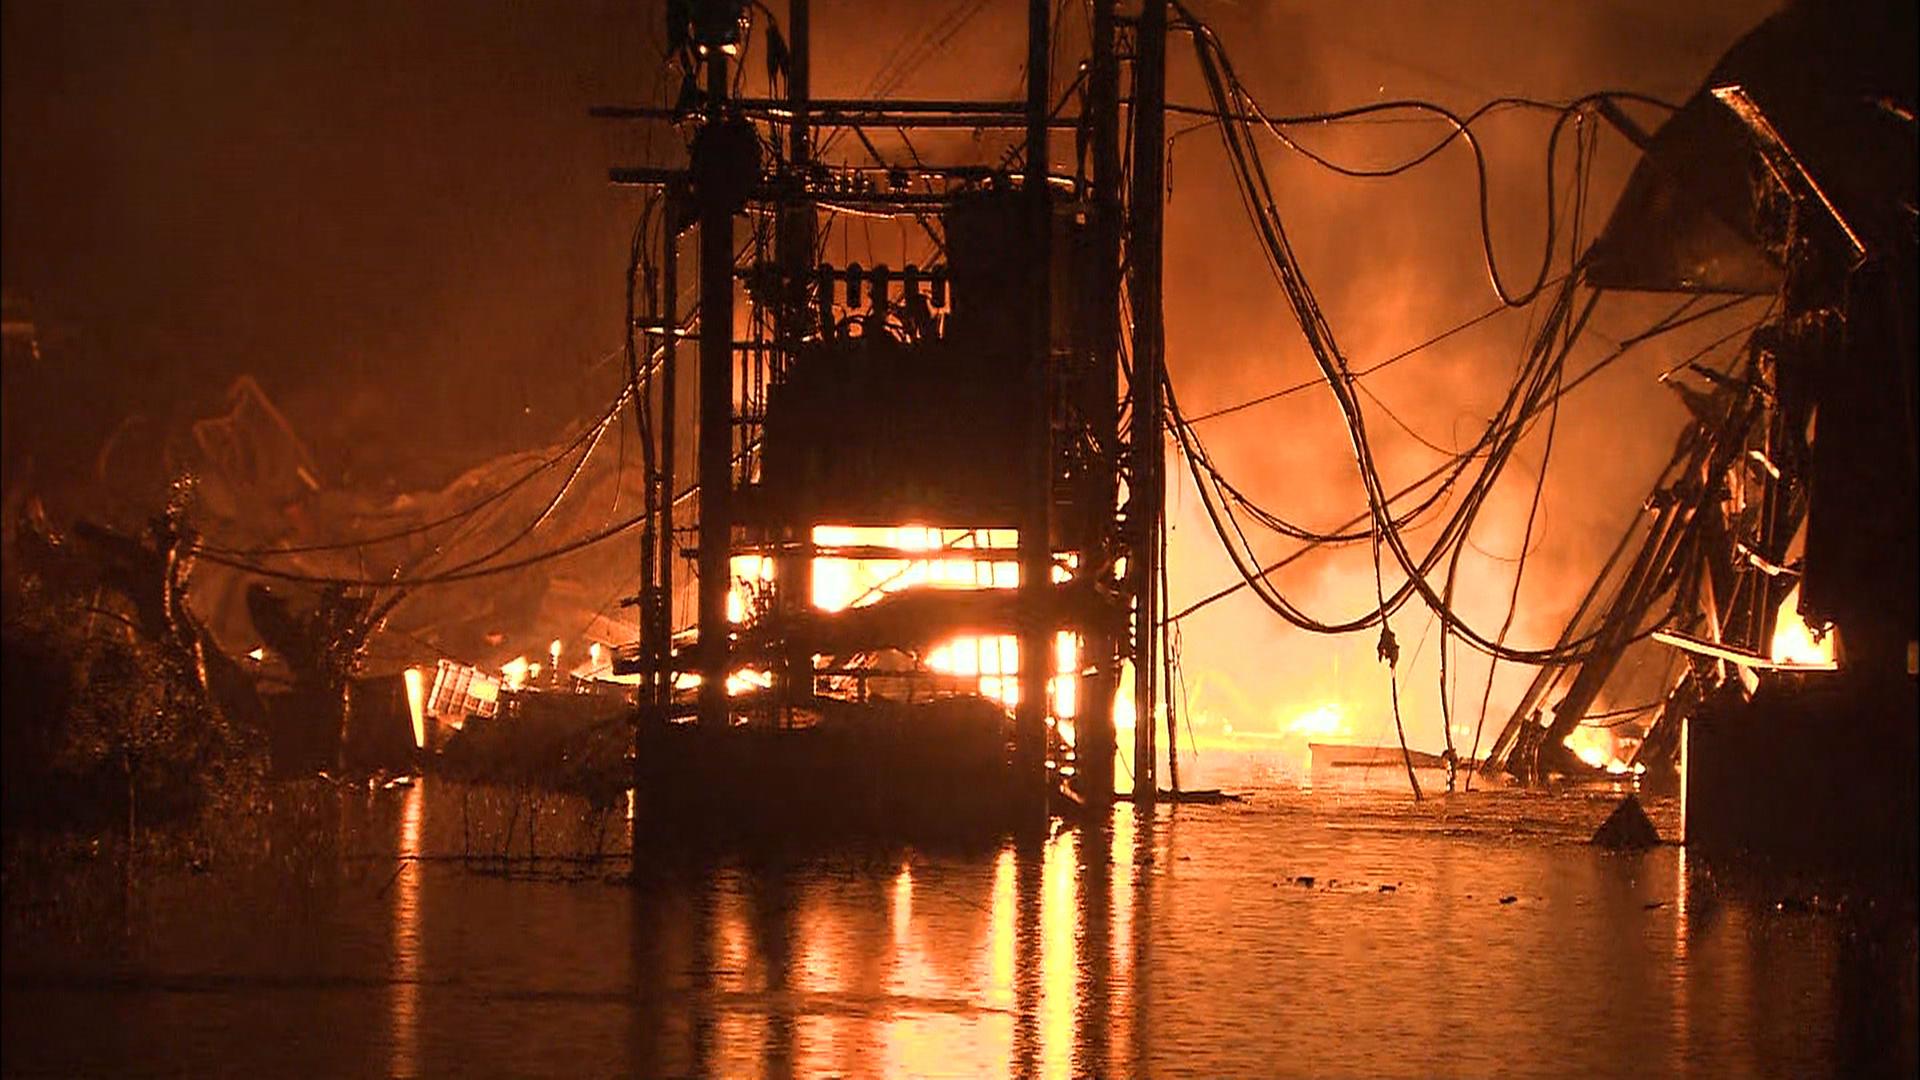 岡山県の「朝日アルミ産業」で大爆発!の画像4-2